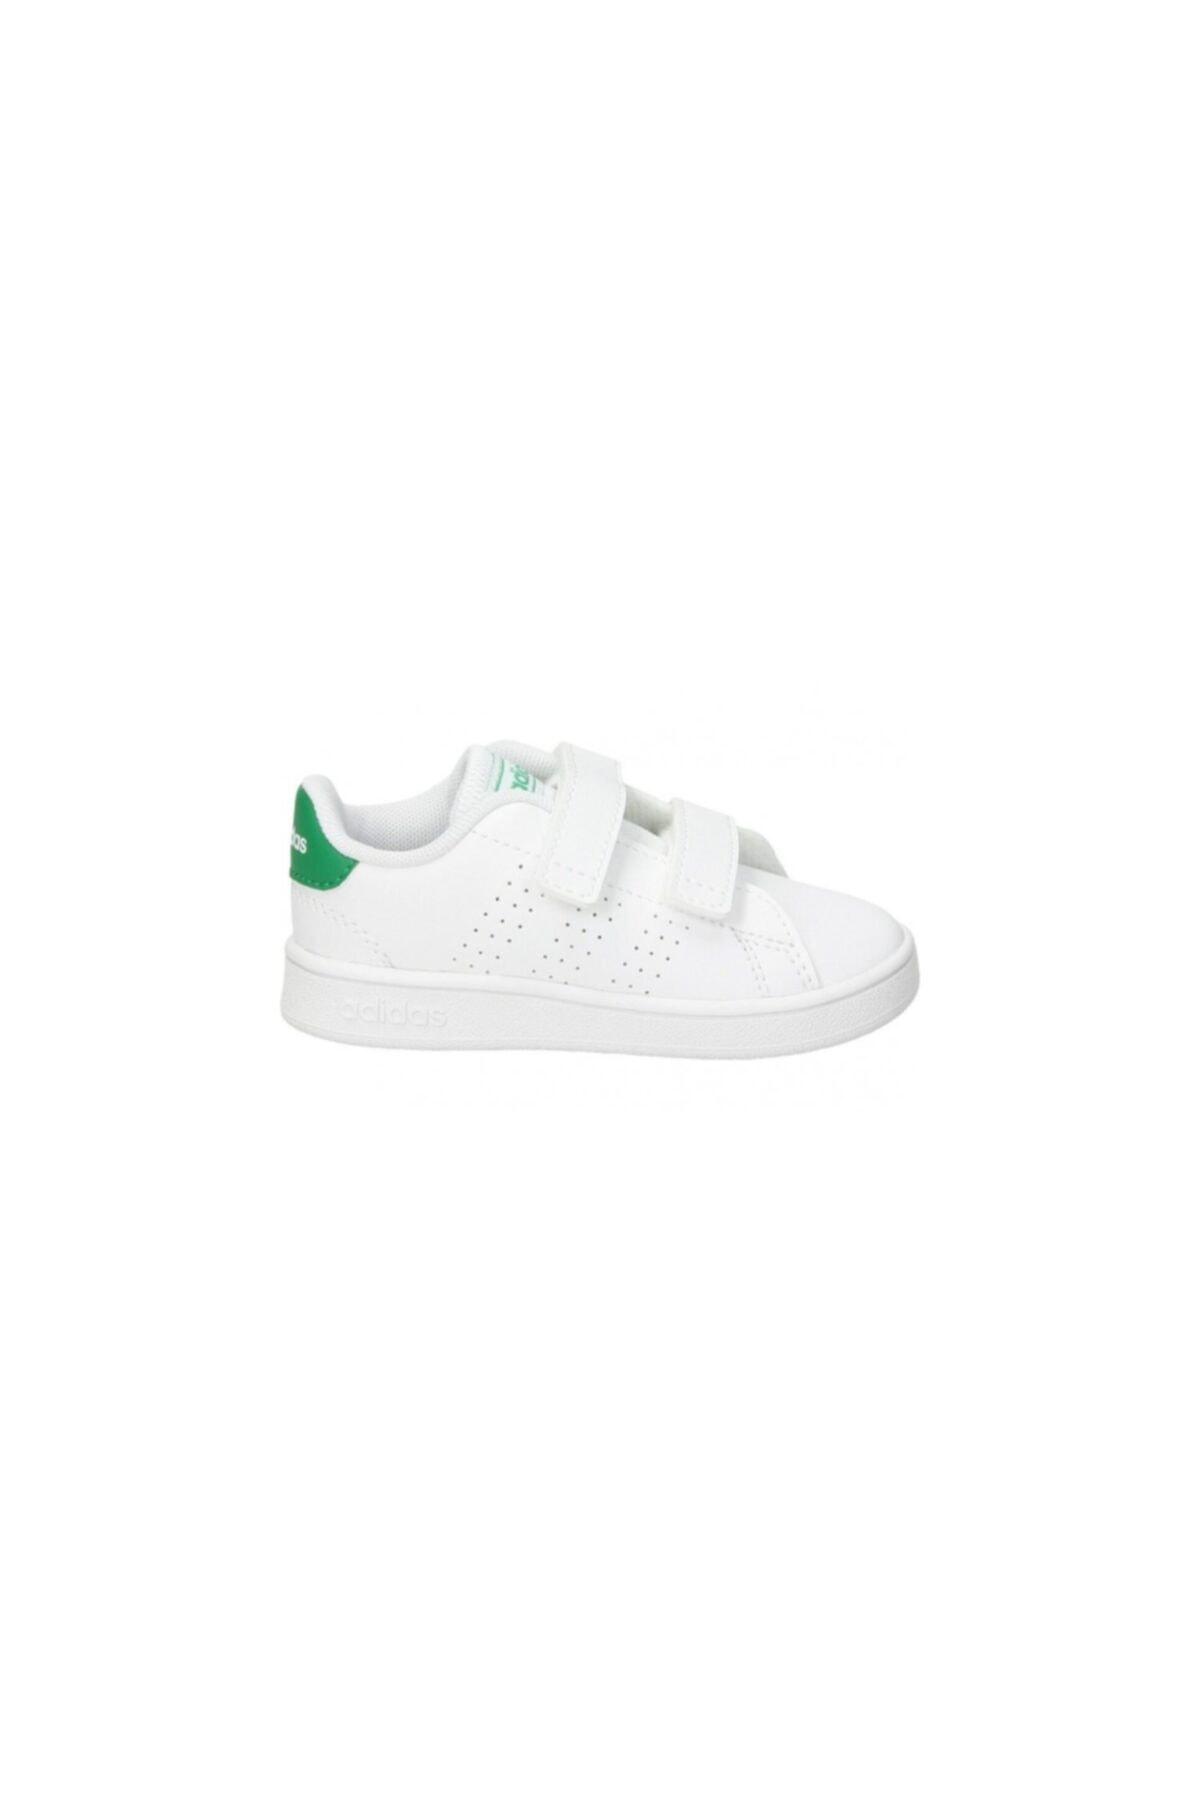 adidas ADVANTAGE I Beyaz Erkek Çocuk Sneaker Ayakkabı 100481638 1